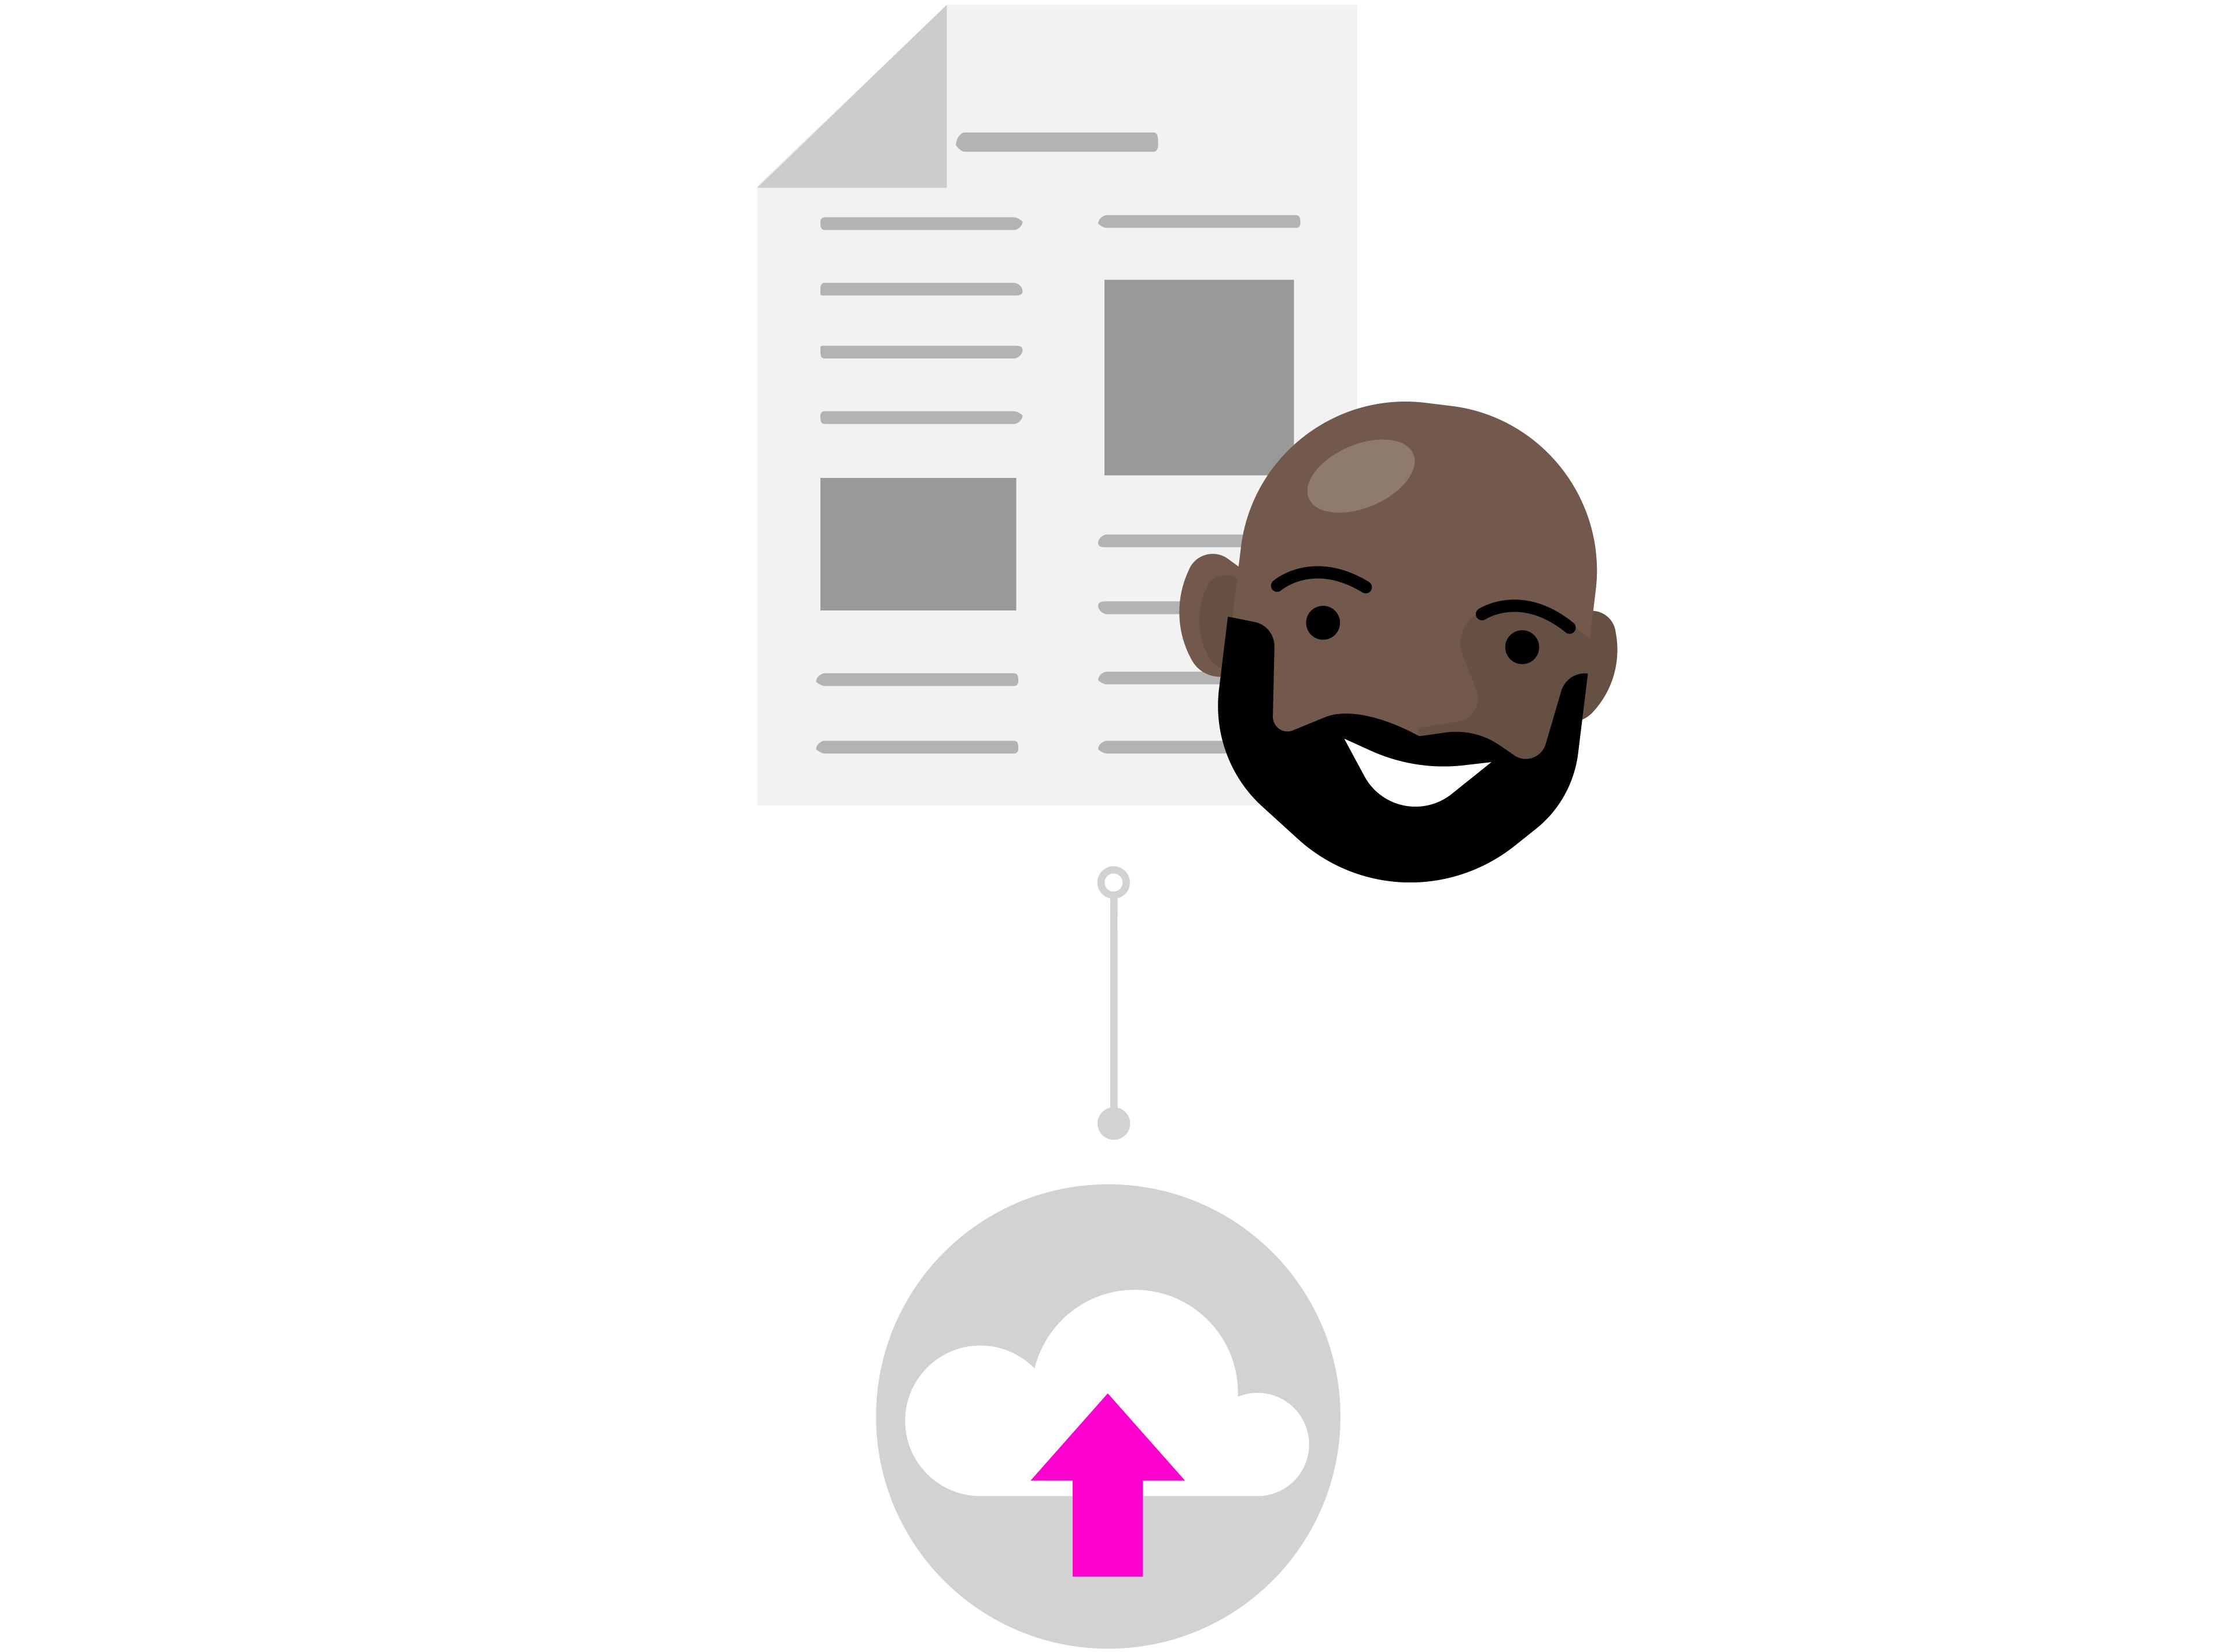 Deljenje privatno pomoću usluge OneDrive